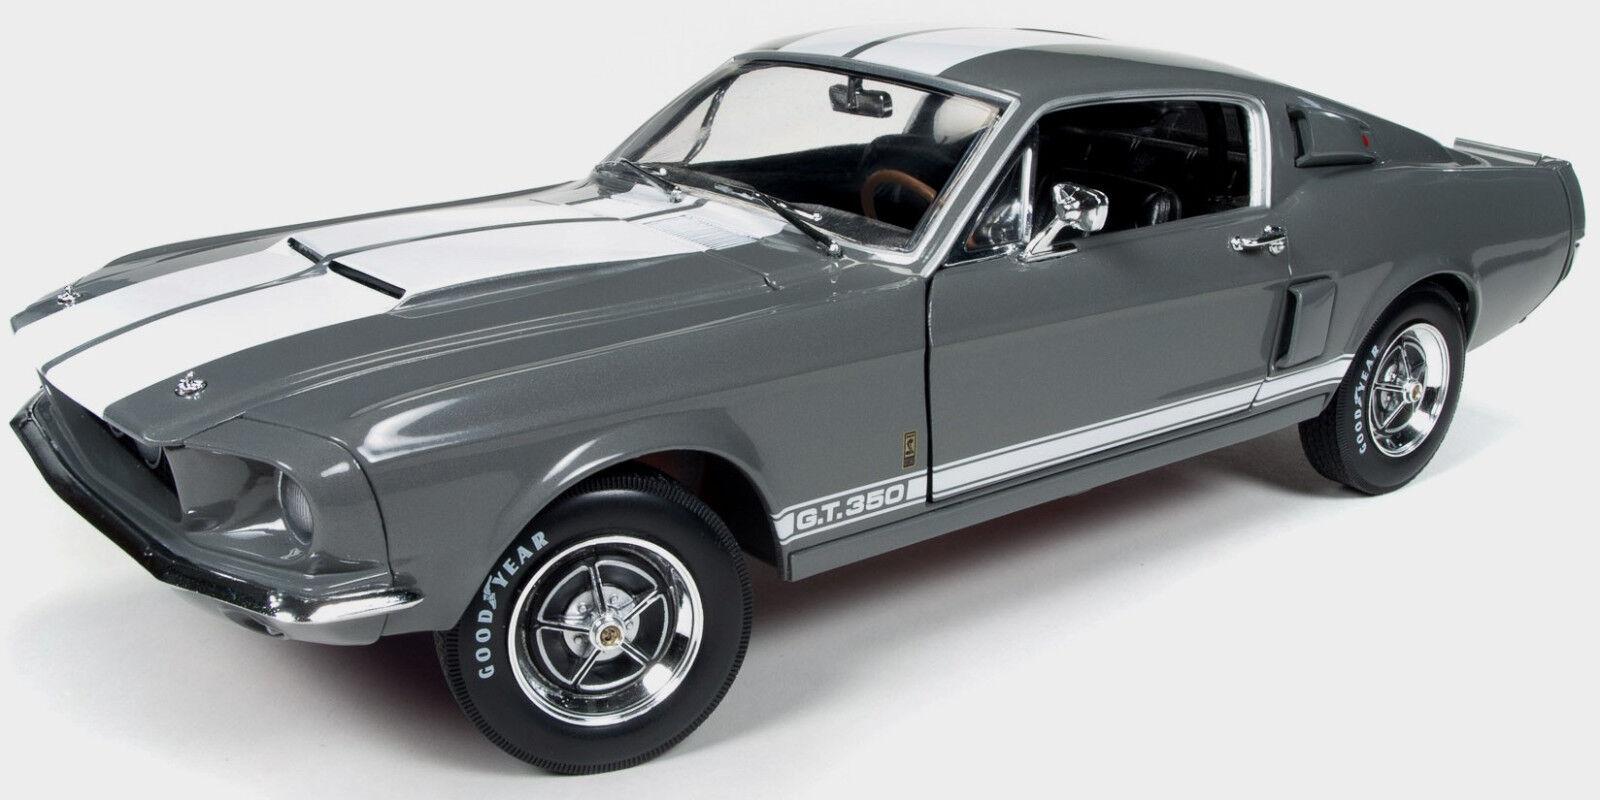 1967 Shelby GT350 Gris 1:18 1:18 1:18 Autoworld 1060 15c6b2